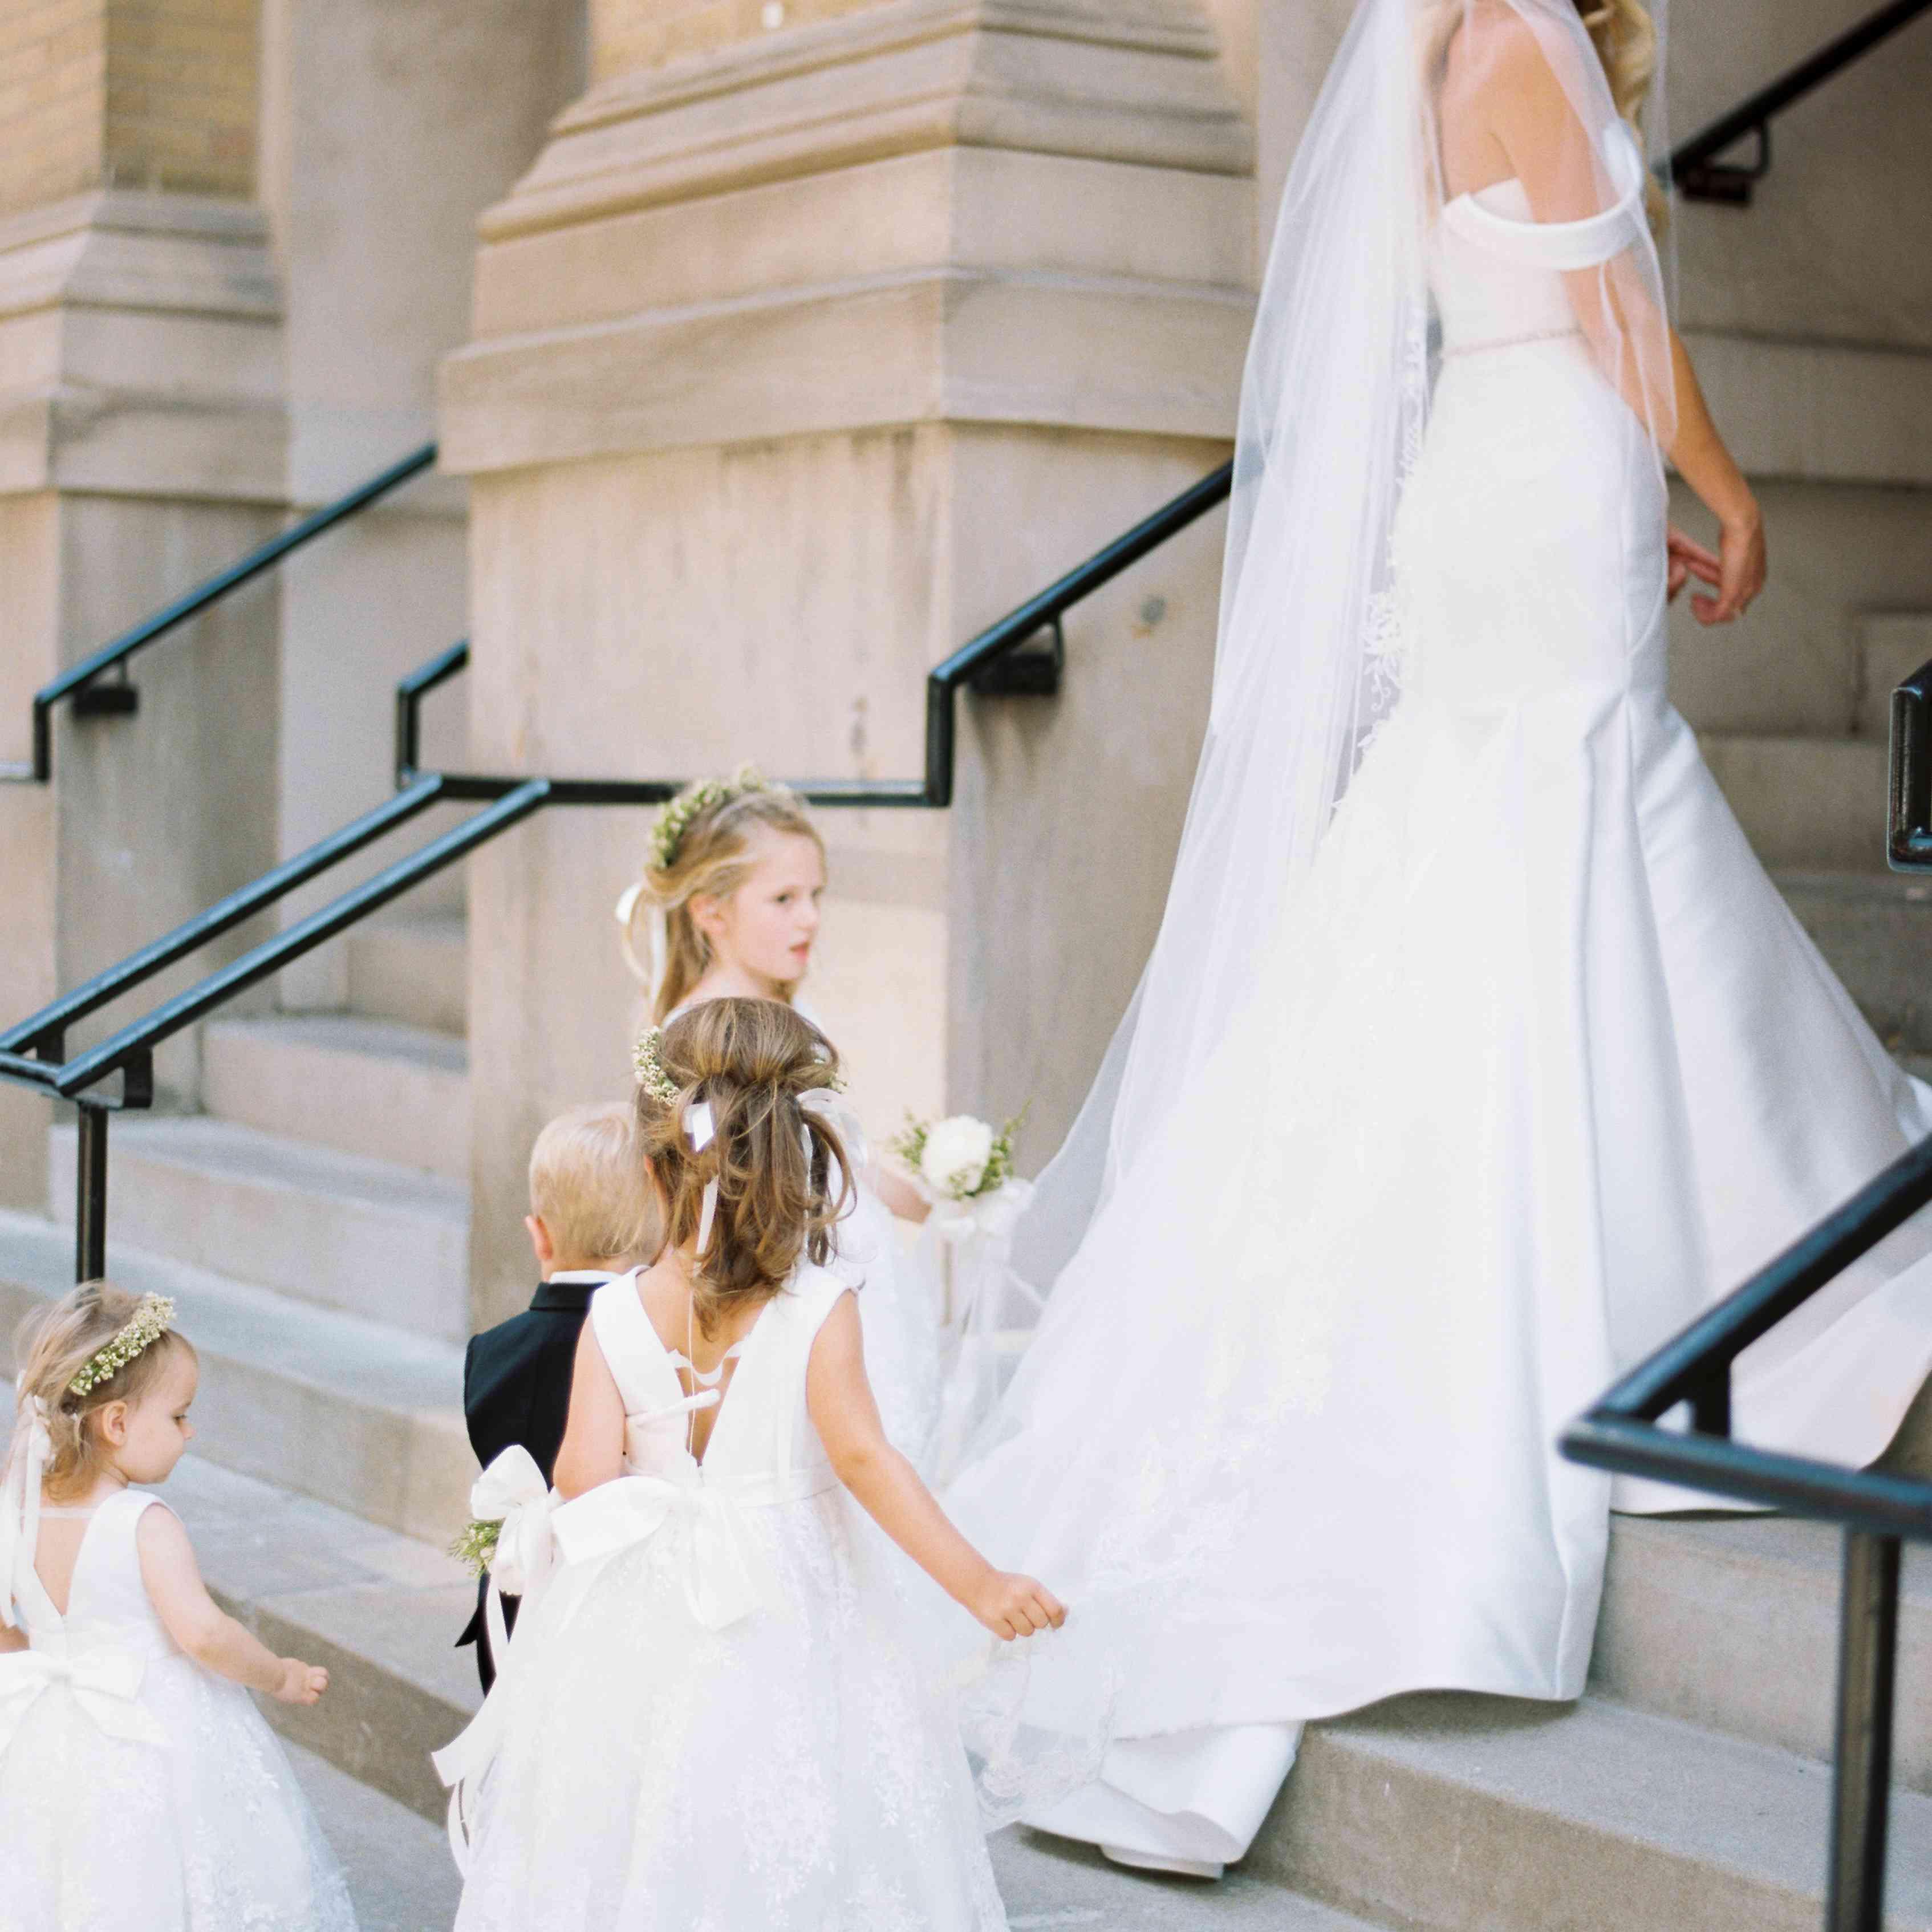 <p>Bride walking into church</p><br><br>